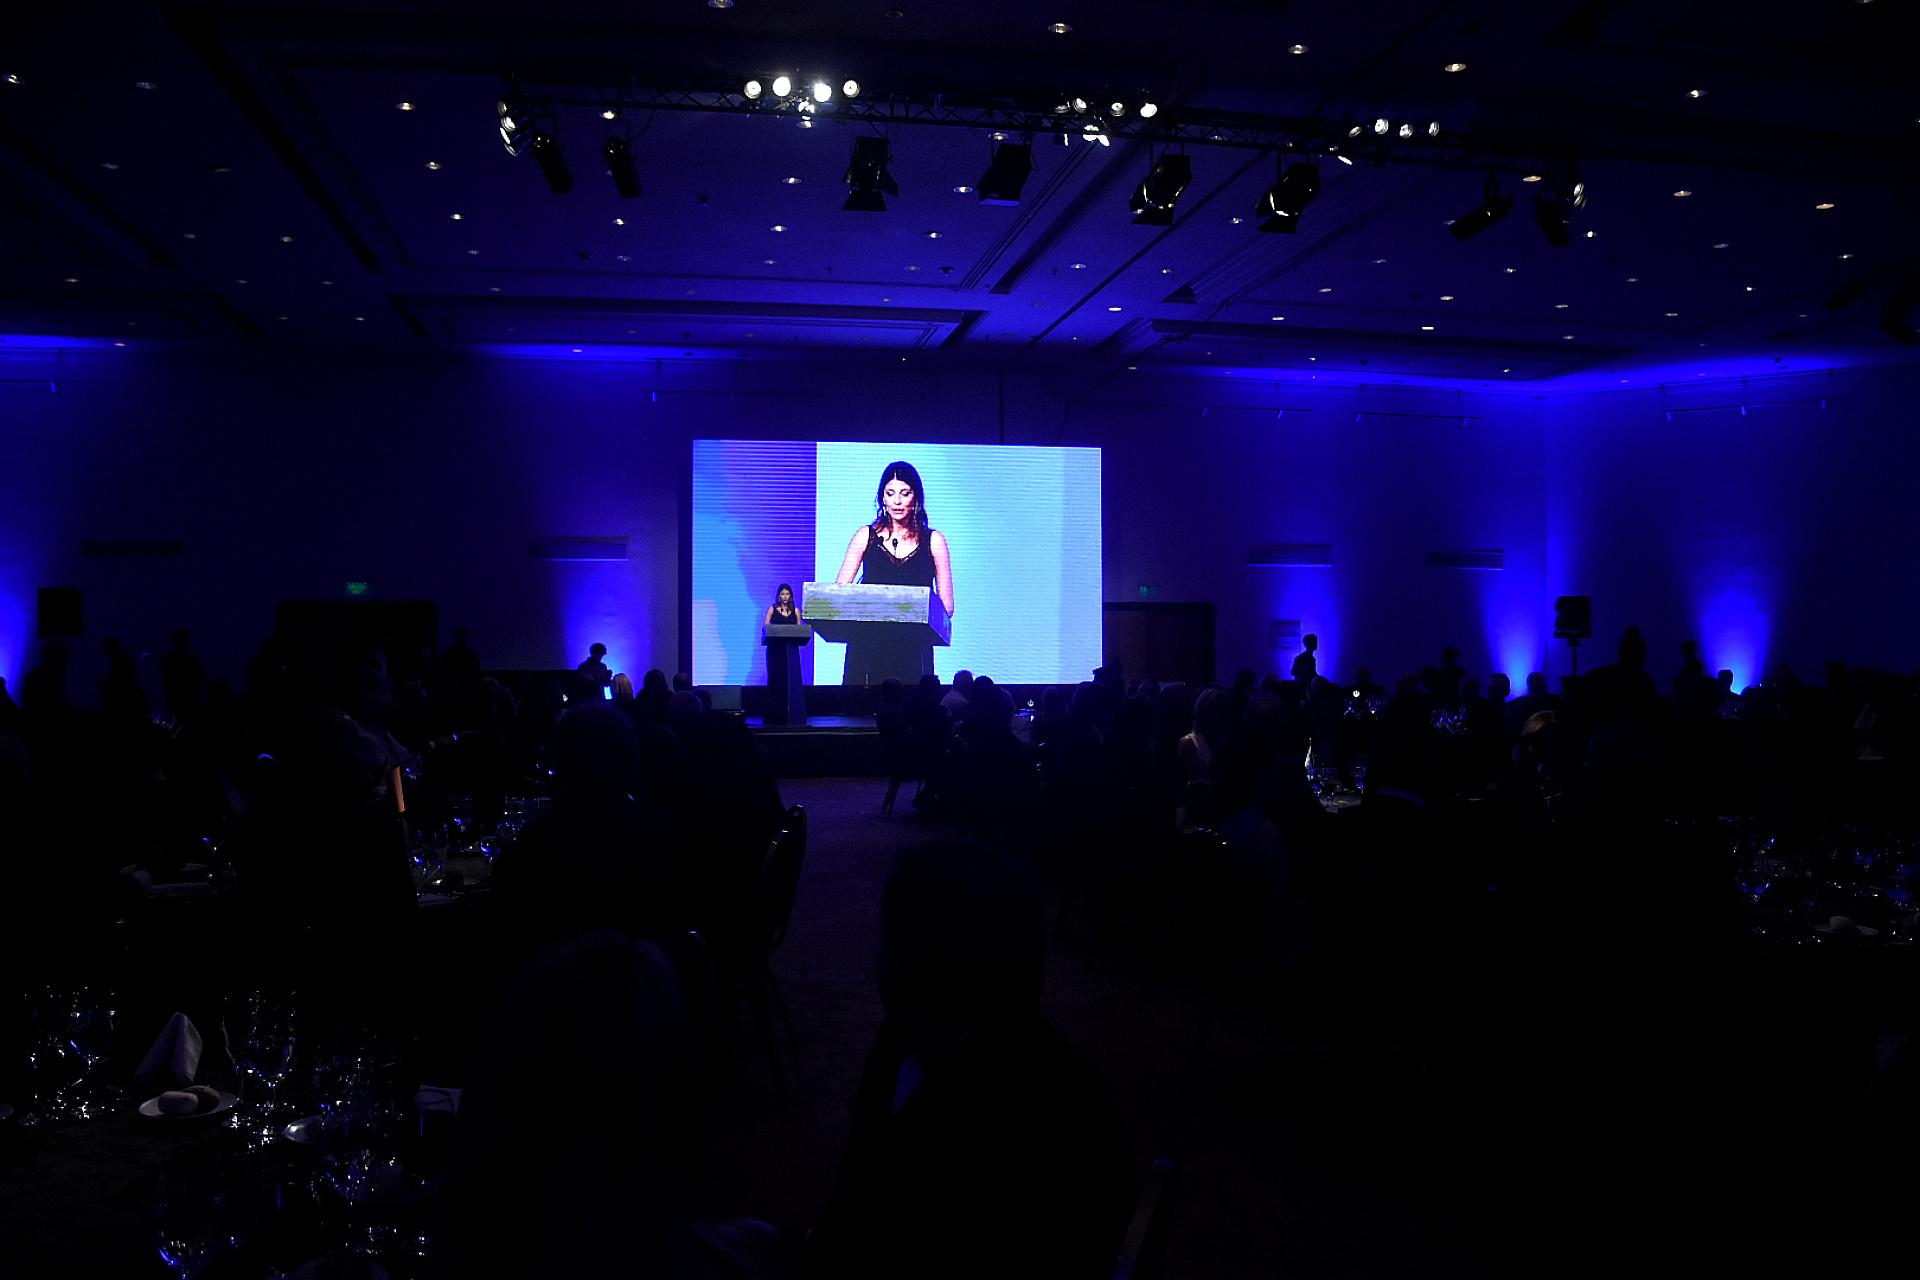 El evento se llevó a cabo en el Hotel Sheraton de la ciudad de Buenos Aires